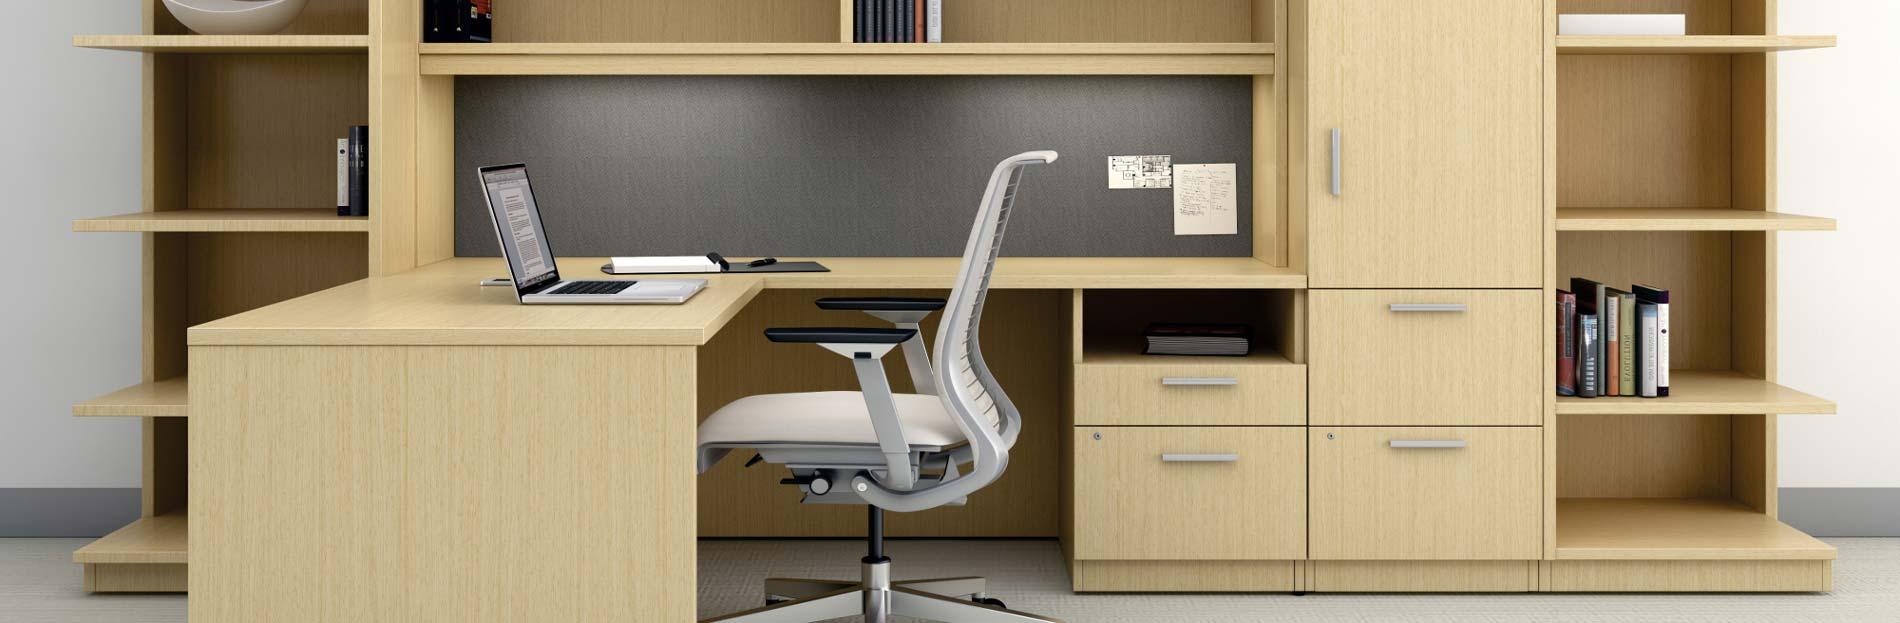 Material de oficina en rivas vaciamadrid for Material de oficina madrid